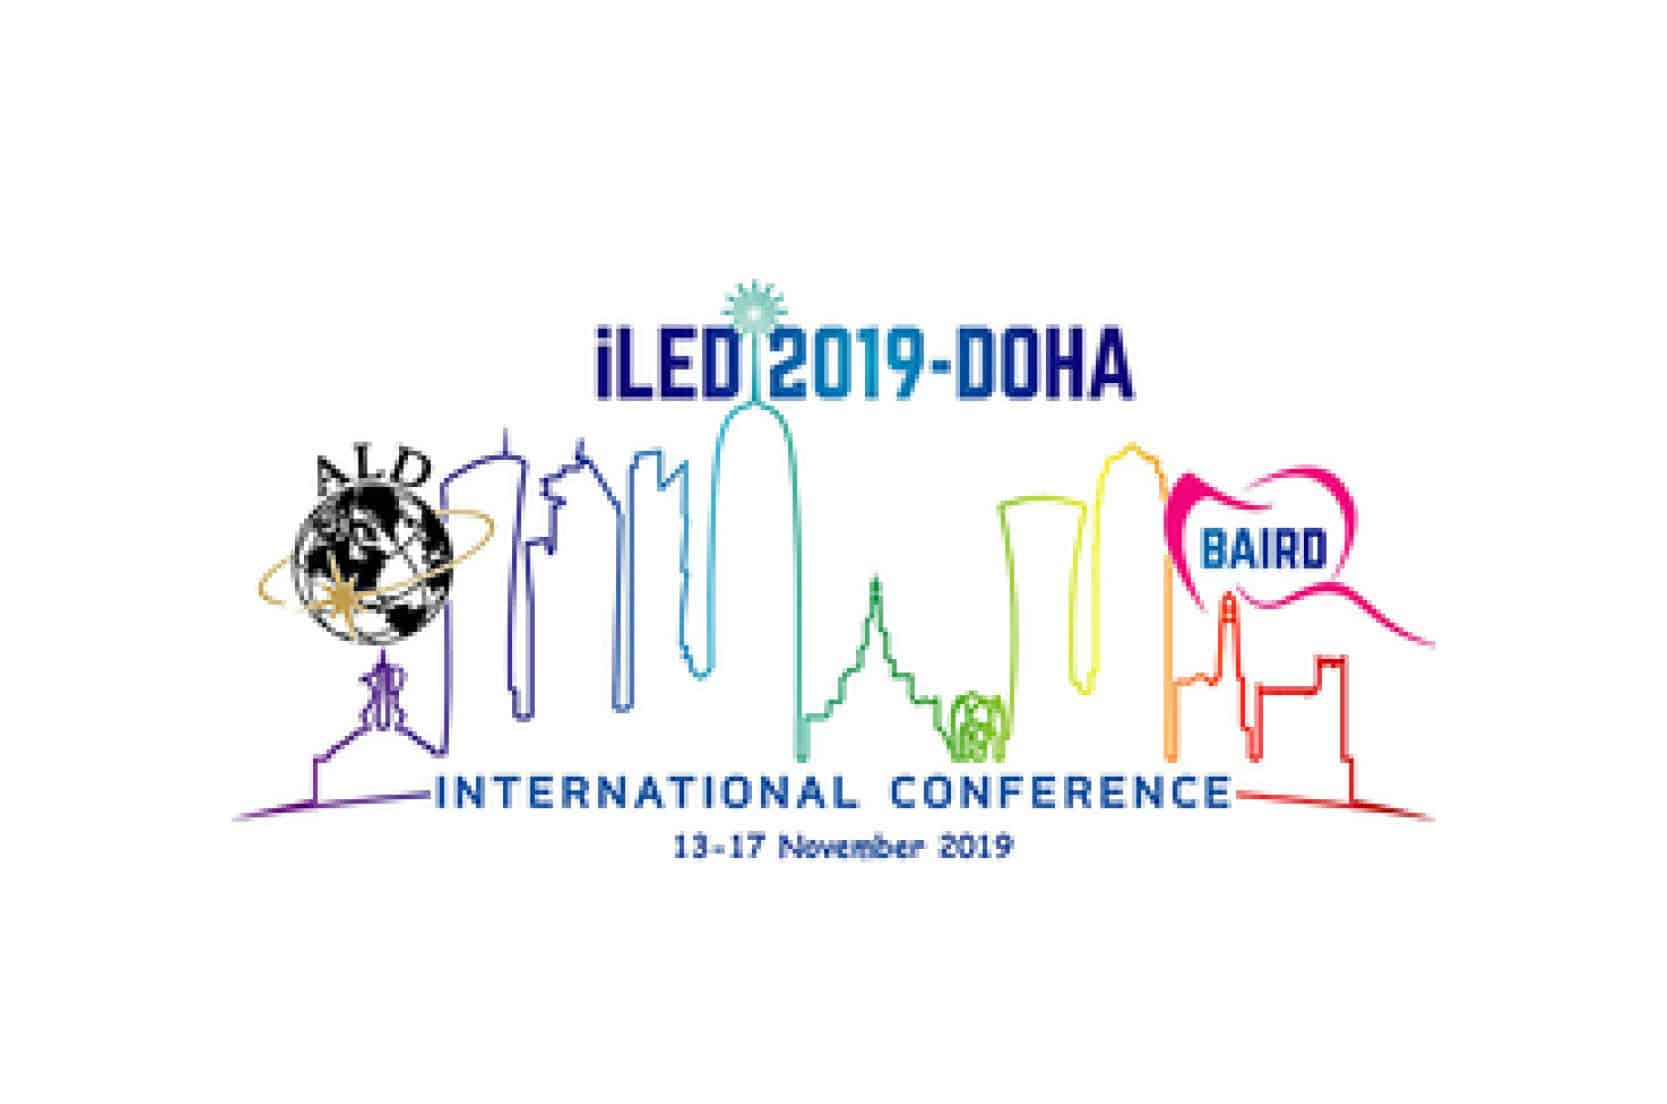 iLED 2019